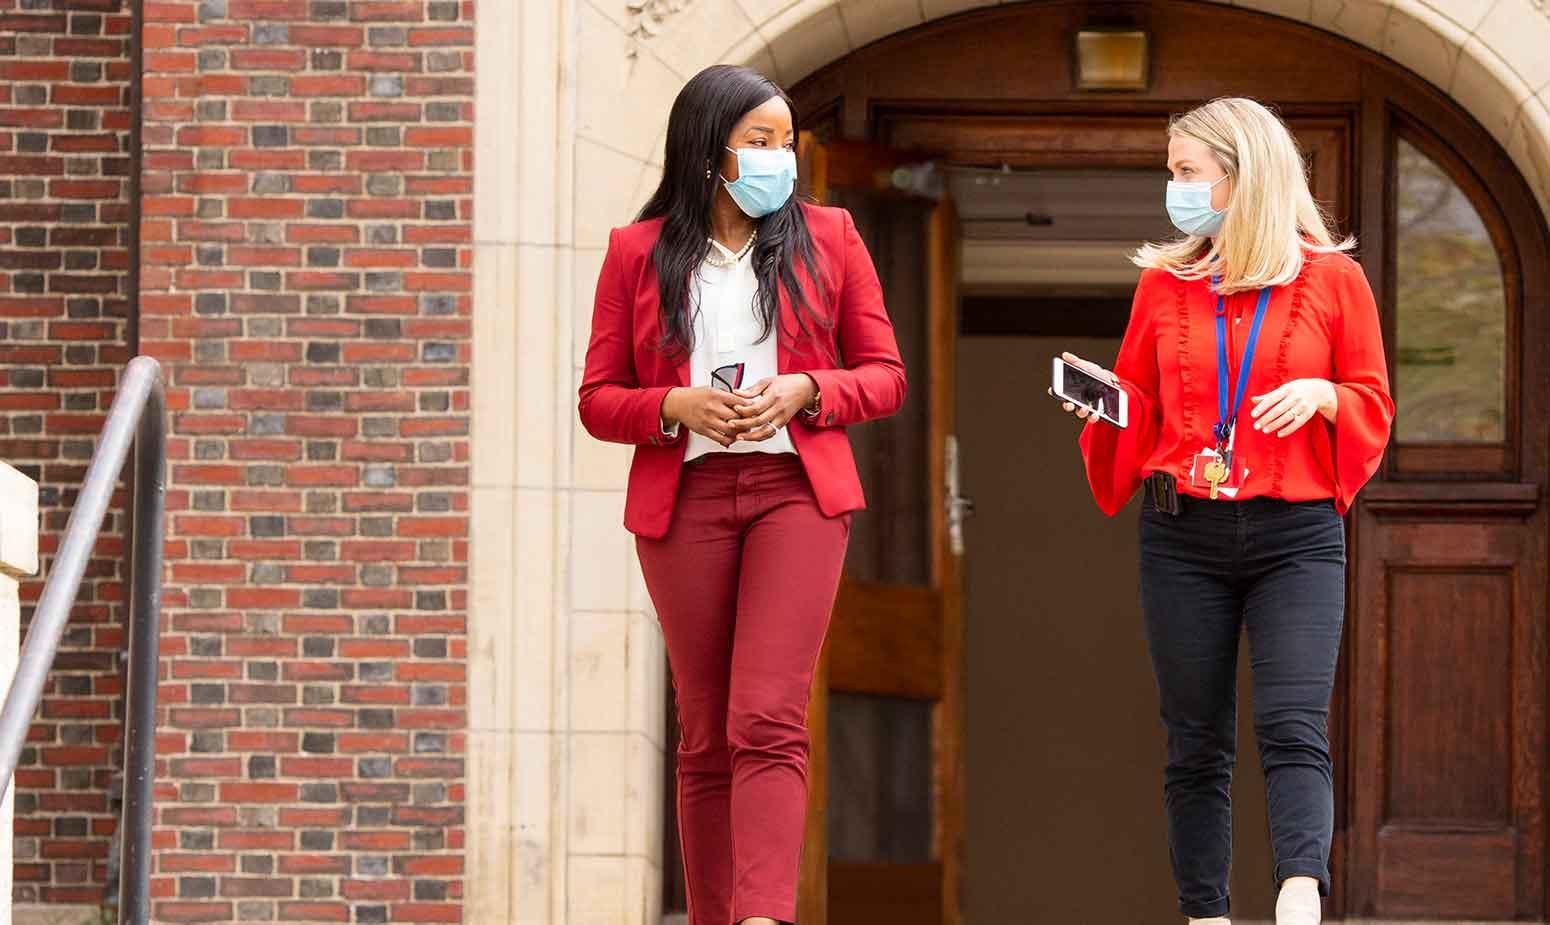 Women walk outside in masks